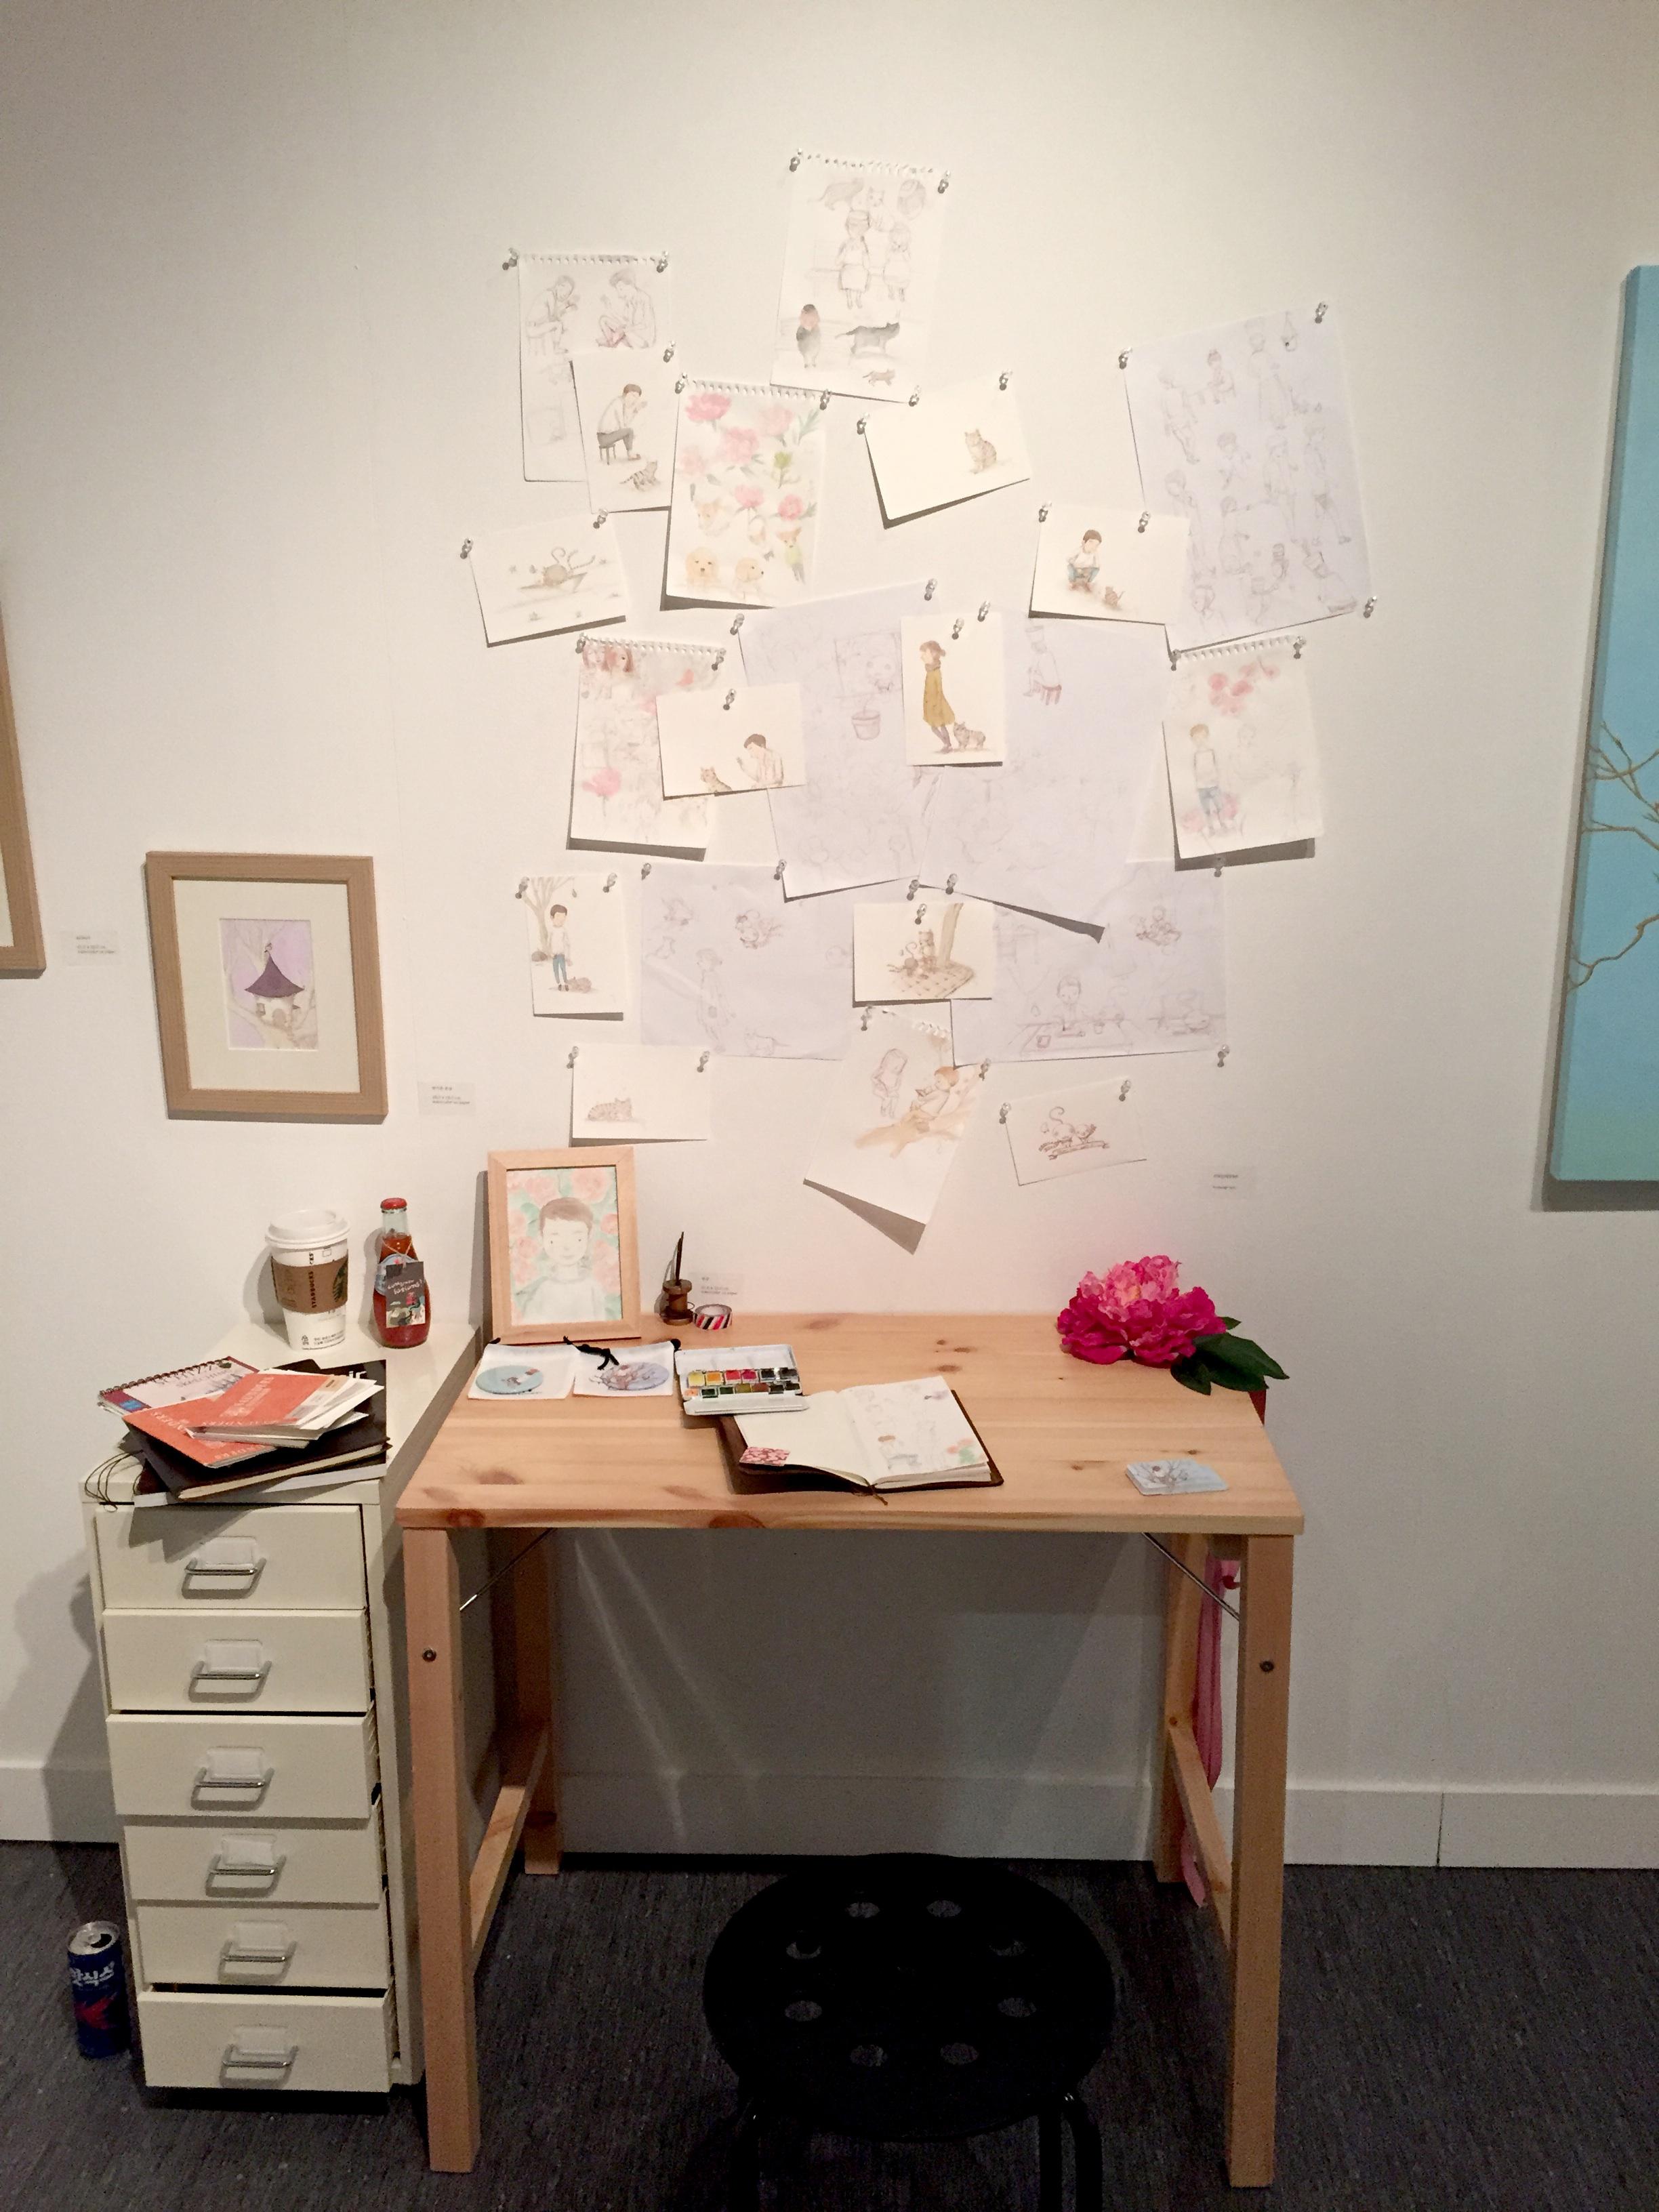 Fotos Gratis Escritorio Casa Oficina Mueble Habitaci N  ~ Aplicaciones De Diseño De Interiores